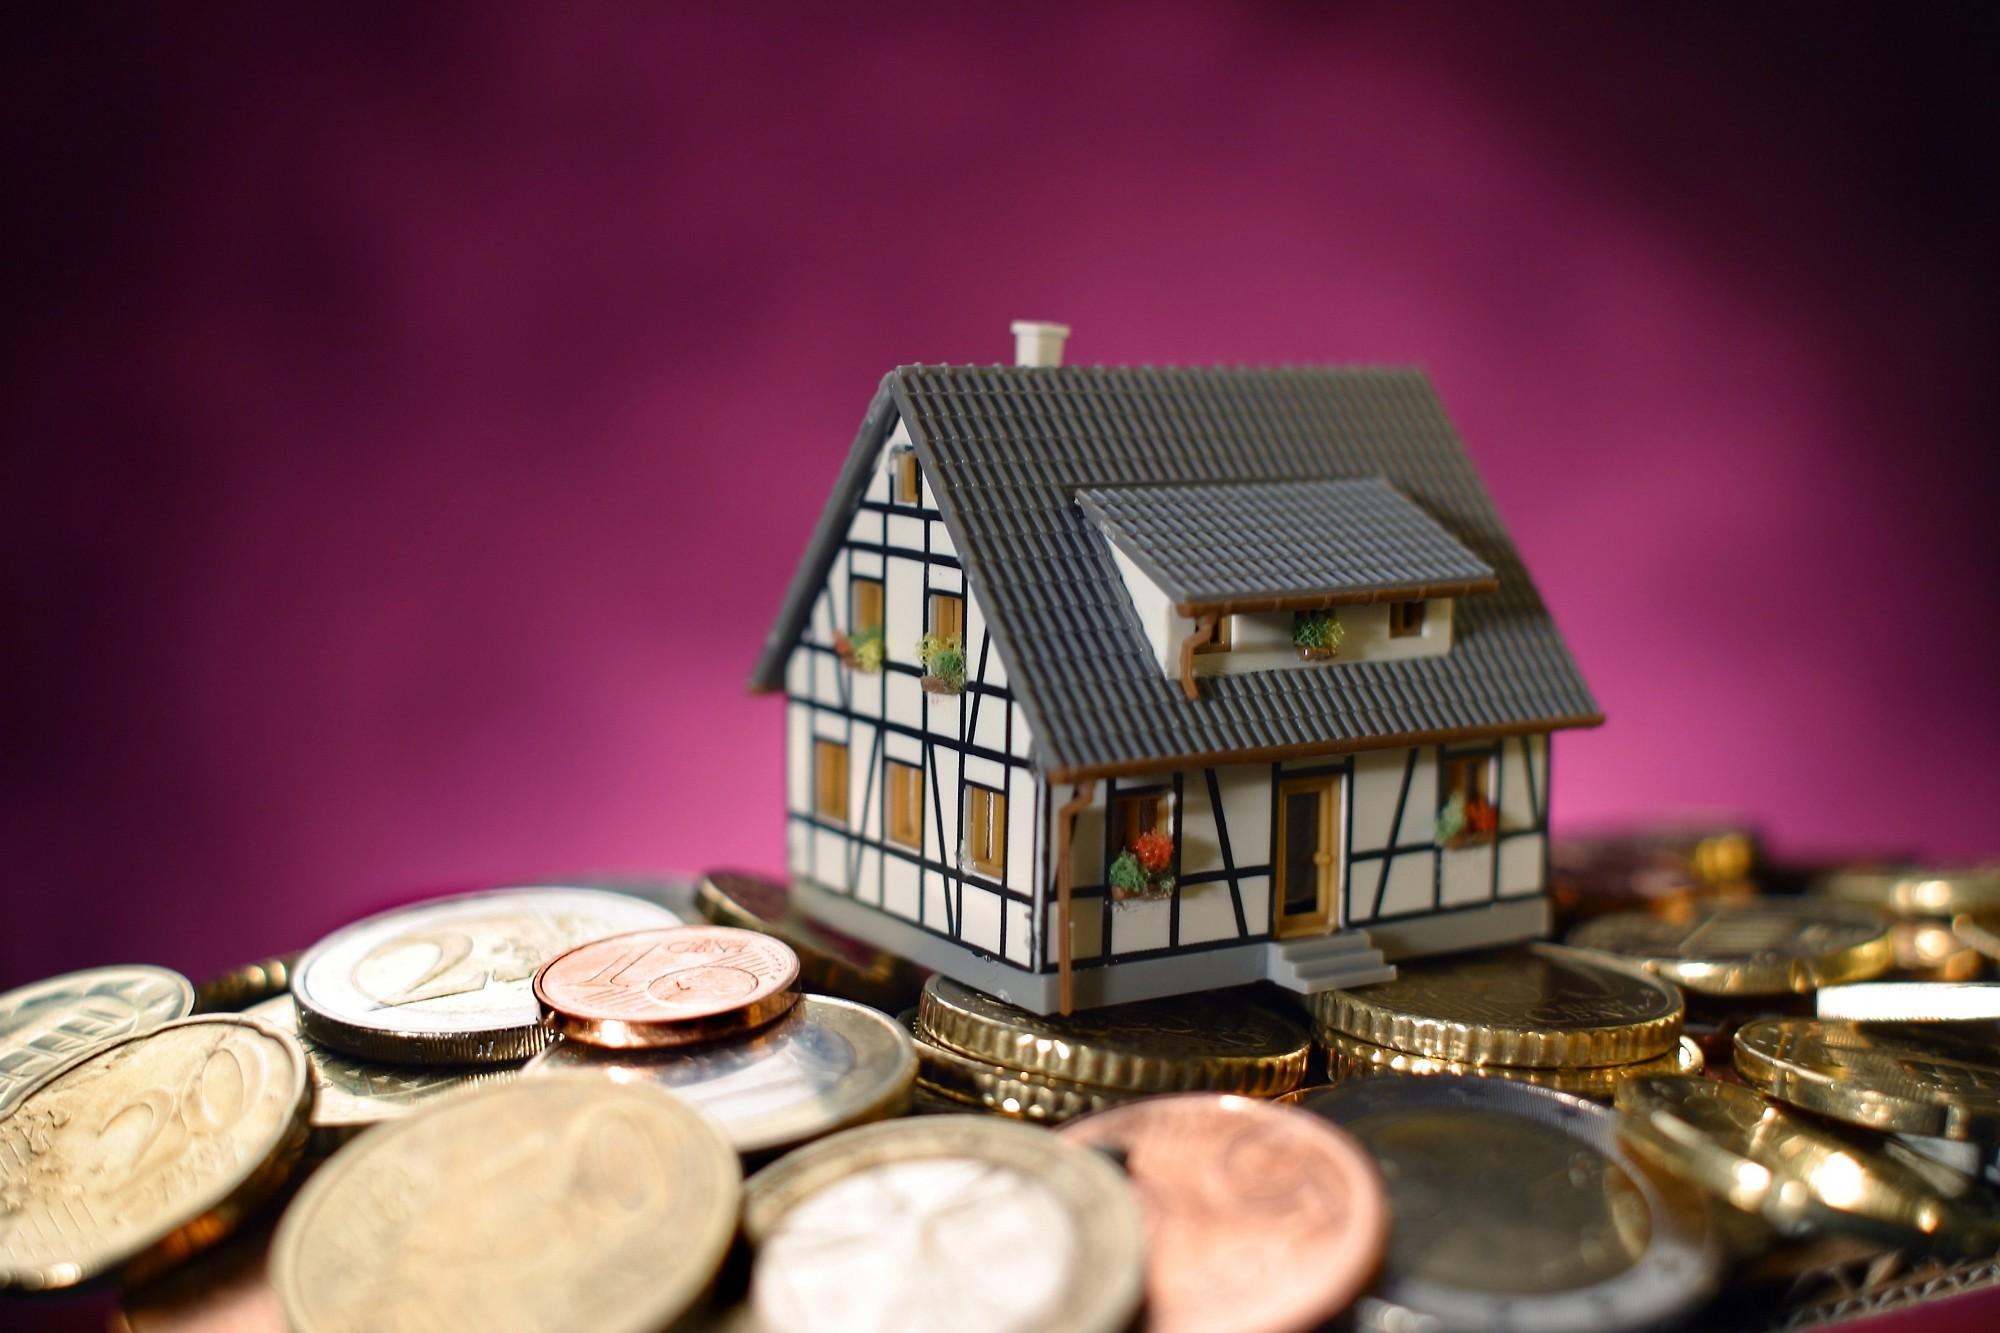 Taxas de juro do crédito à habitação voltam a cair para novo mínimo histórico